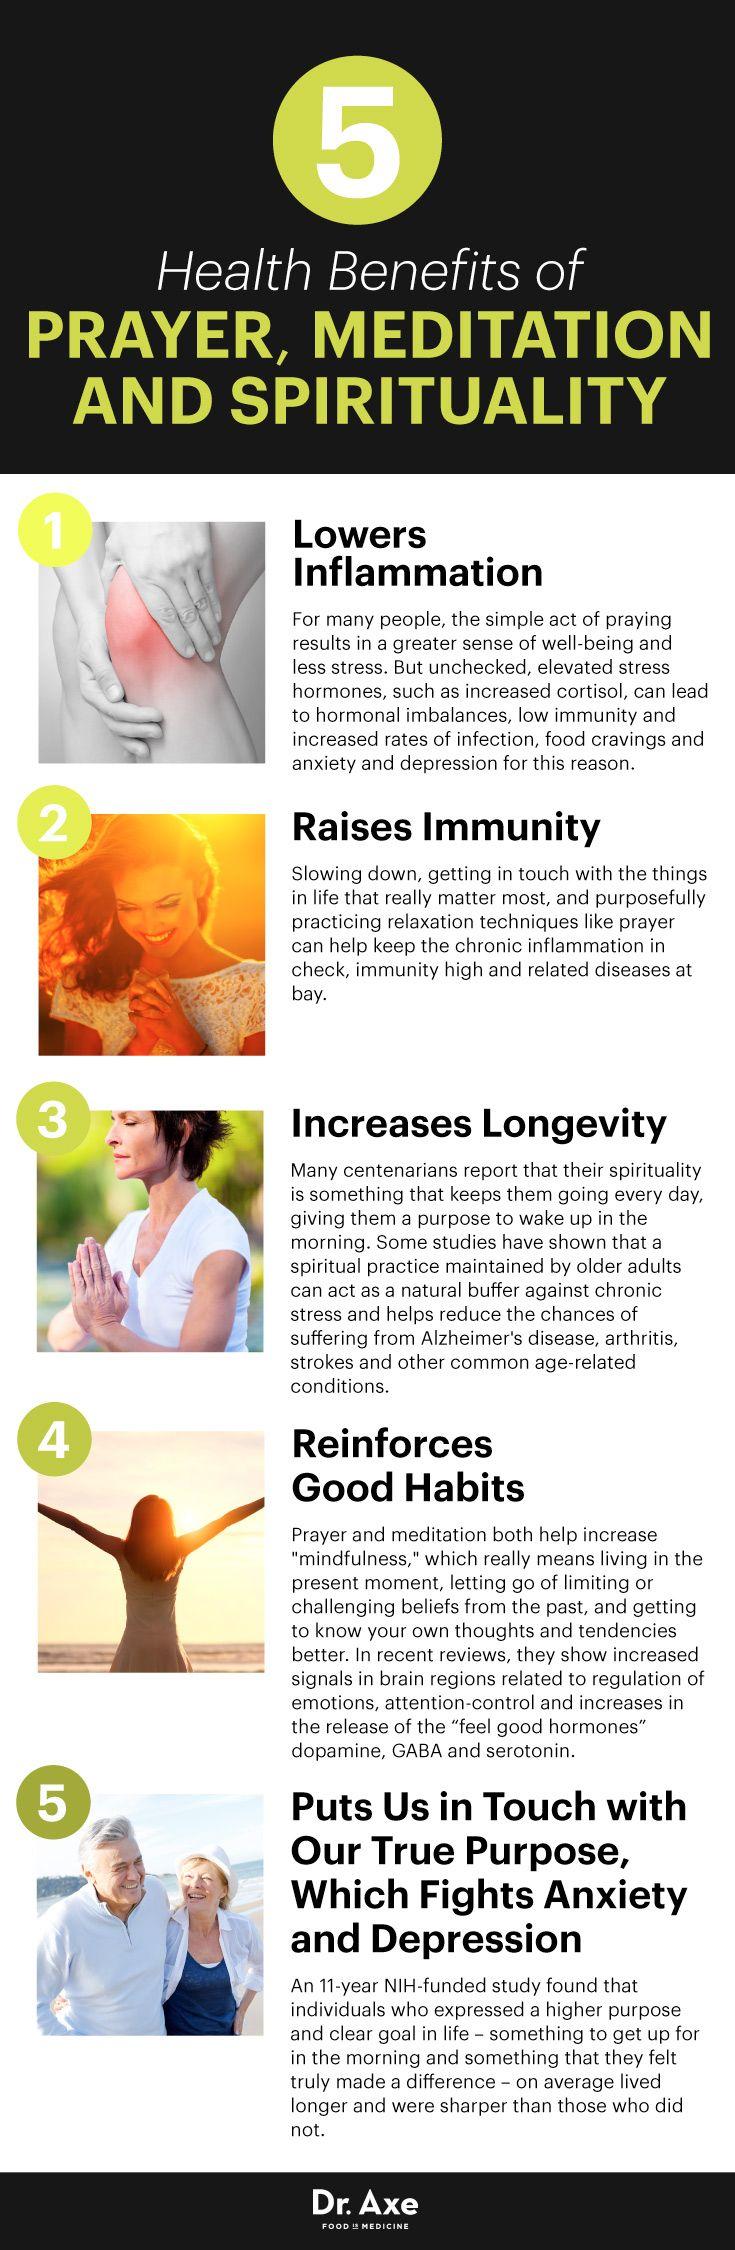 Healing prayer benefits - Dr. Axe http://www.draxe.com #health #holistic #natural